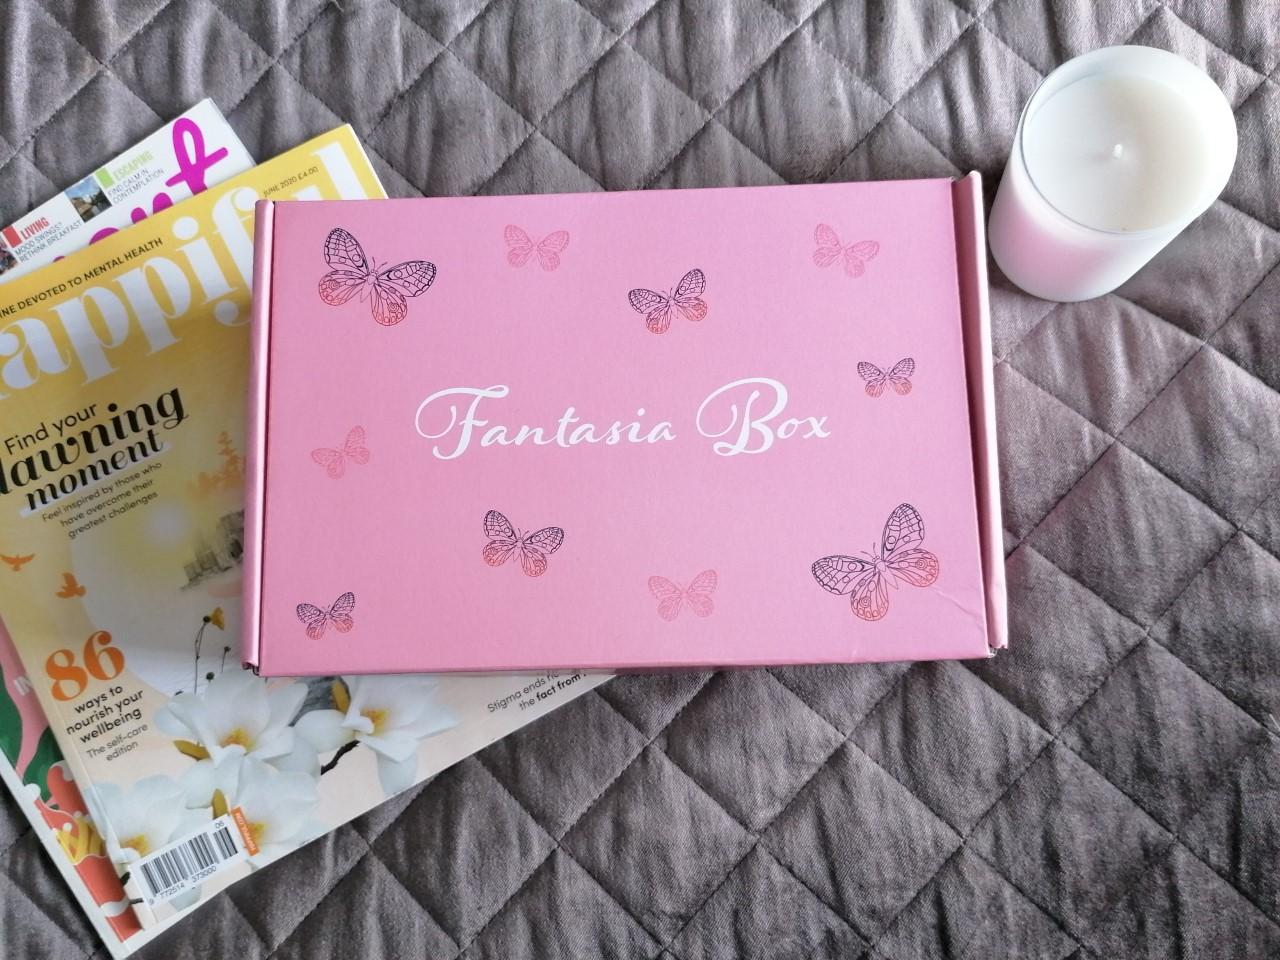 Fantasia Subscription Box